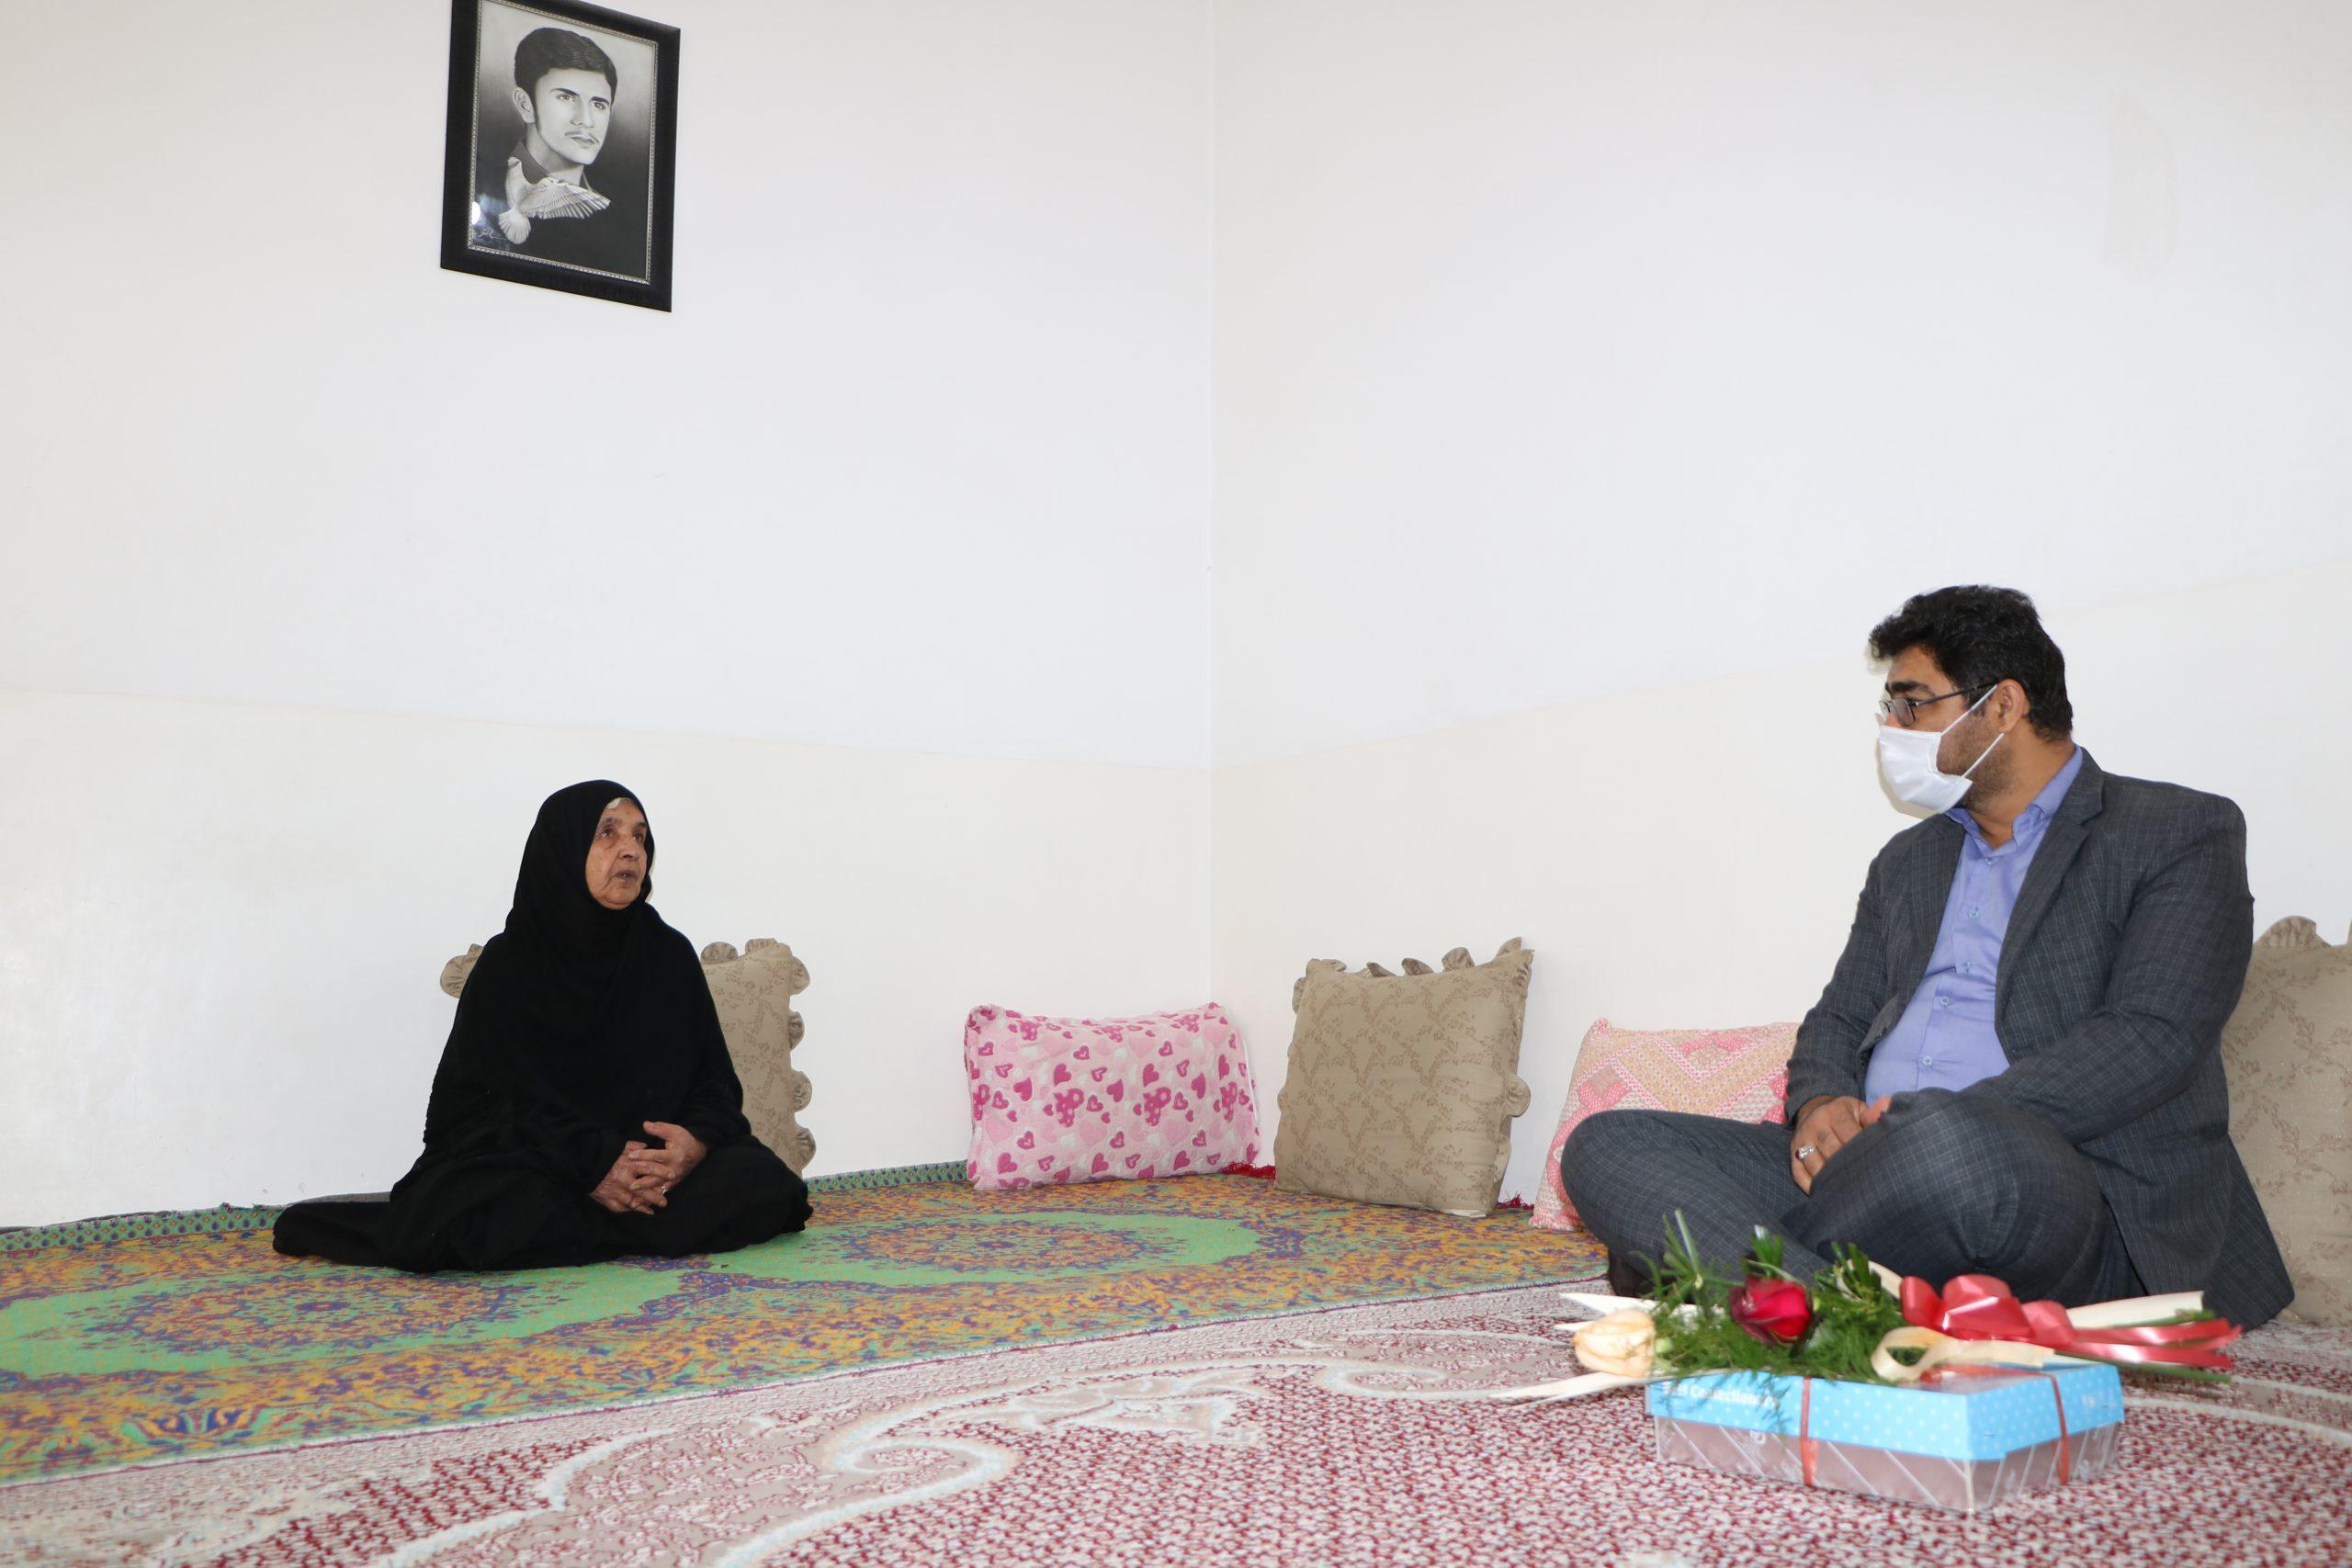 دیدار با خانواده ی شهید مصطفی بهمنی ، شهید فتح خرمشهر